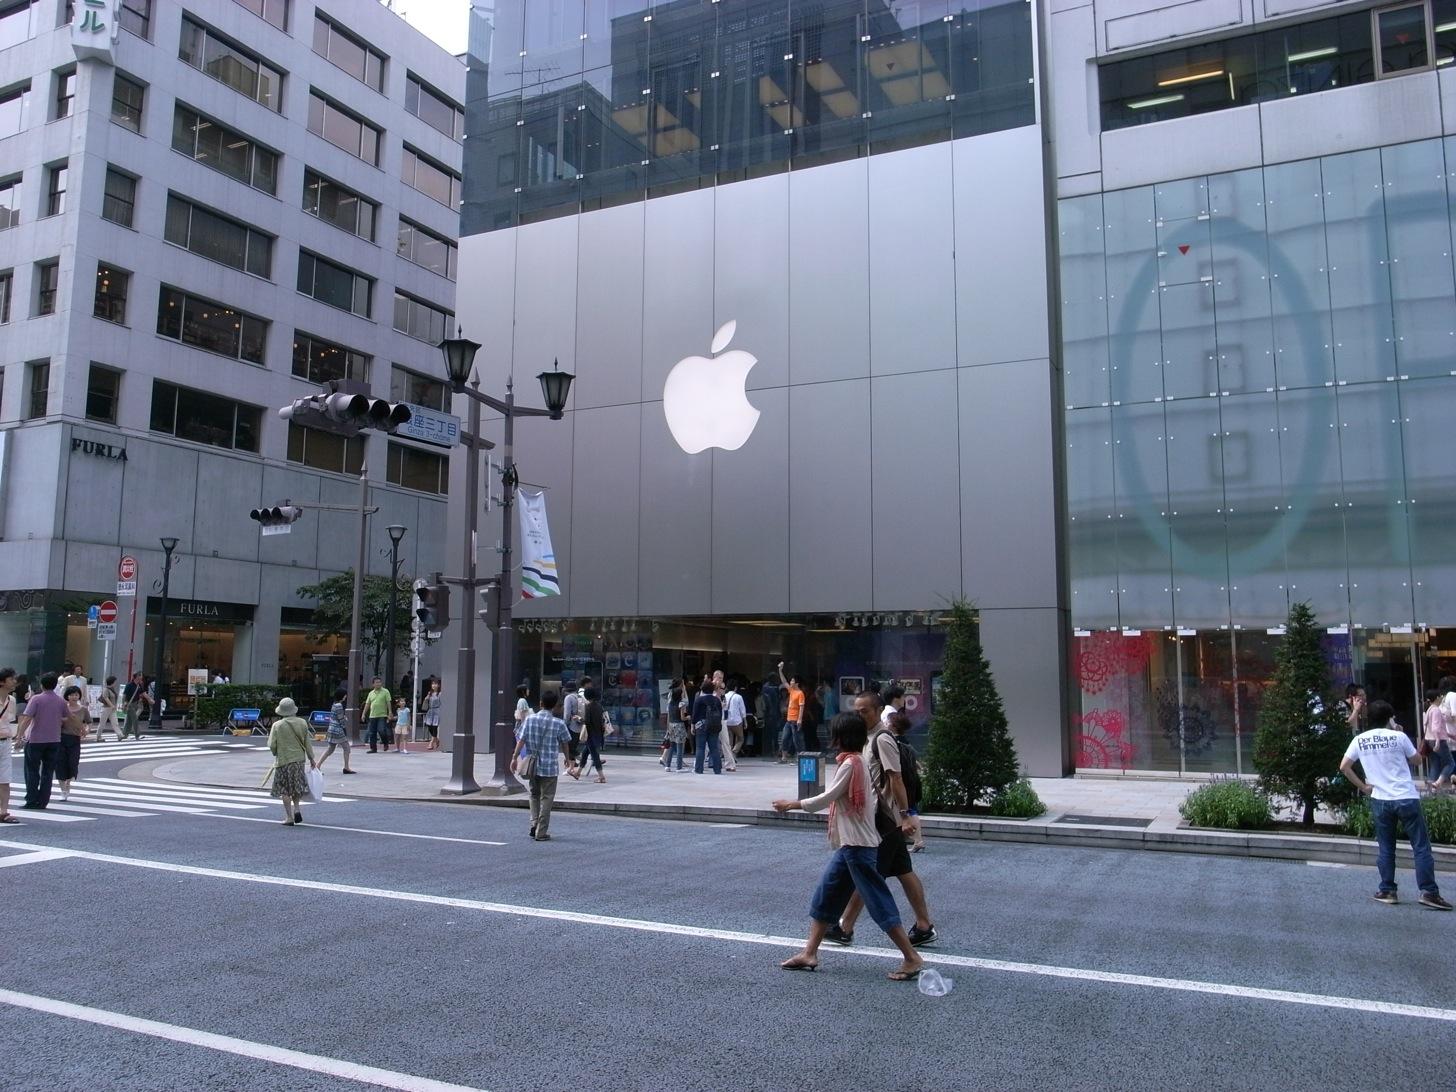 今年は行列なし!? Apple Store、iPhone 6 / iPhone 6 Plus の予約受付を発表。ウェブで予約してストアで受取りも可。